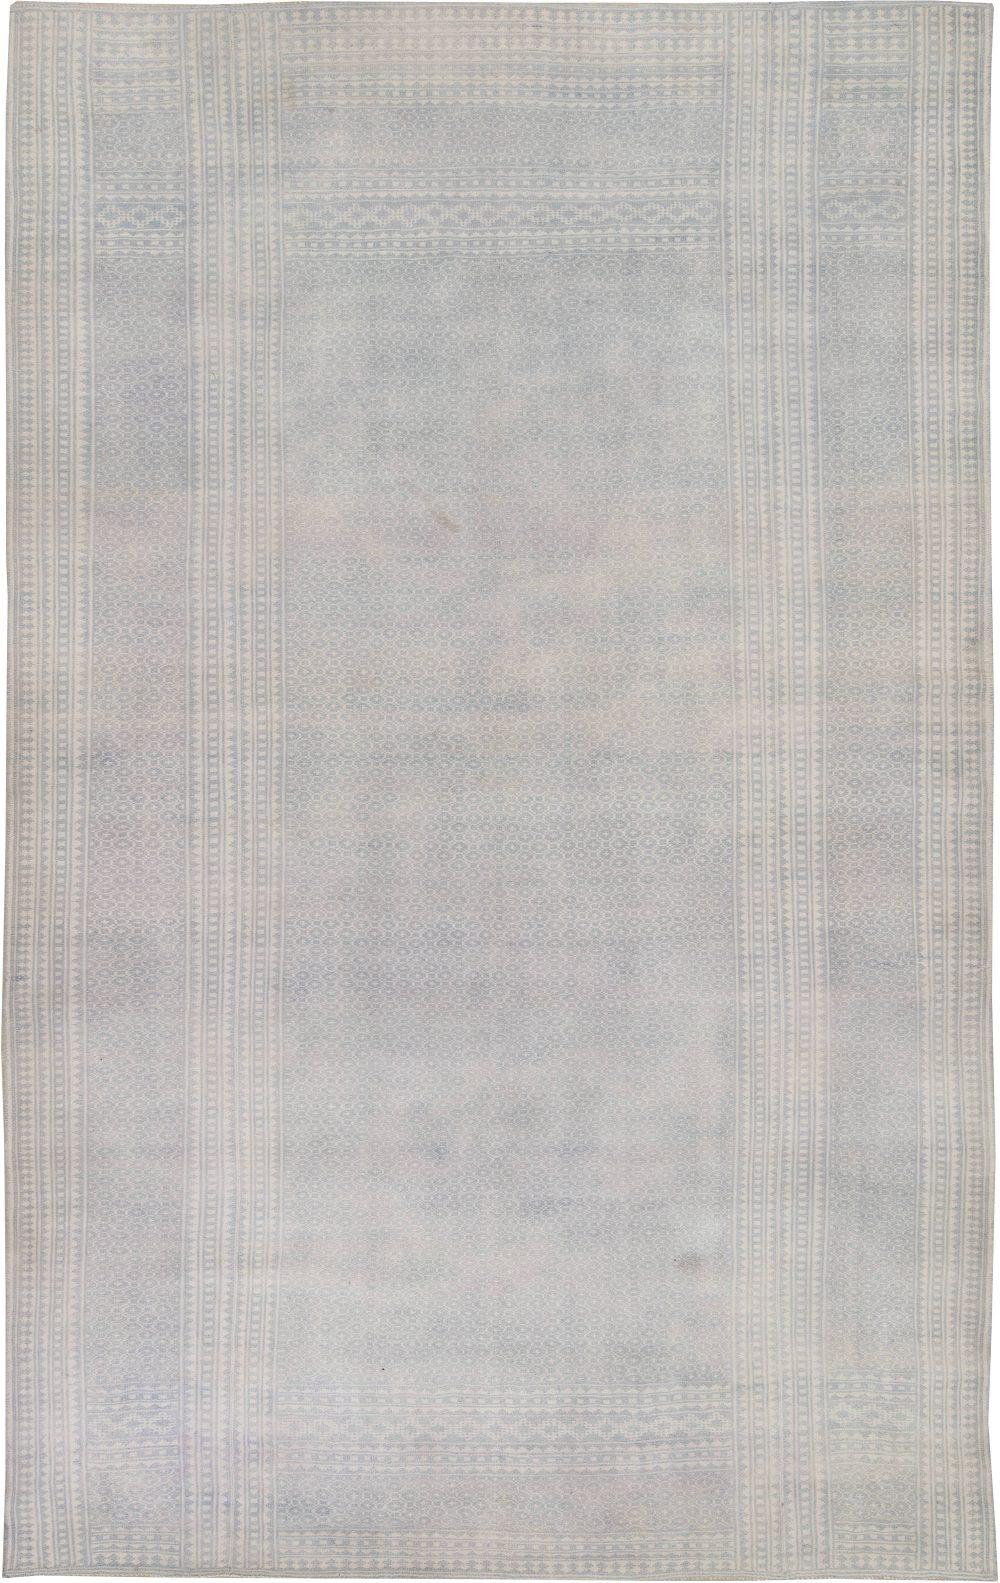 Antique Indian Cotton Flat weave Carpet BB6401